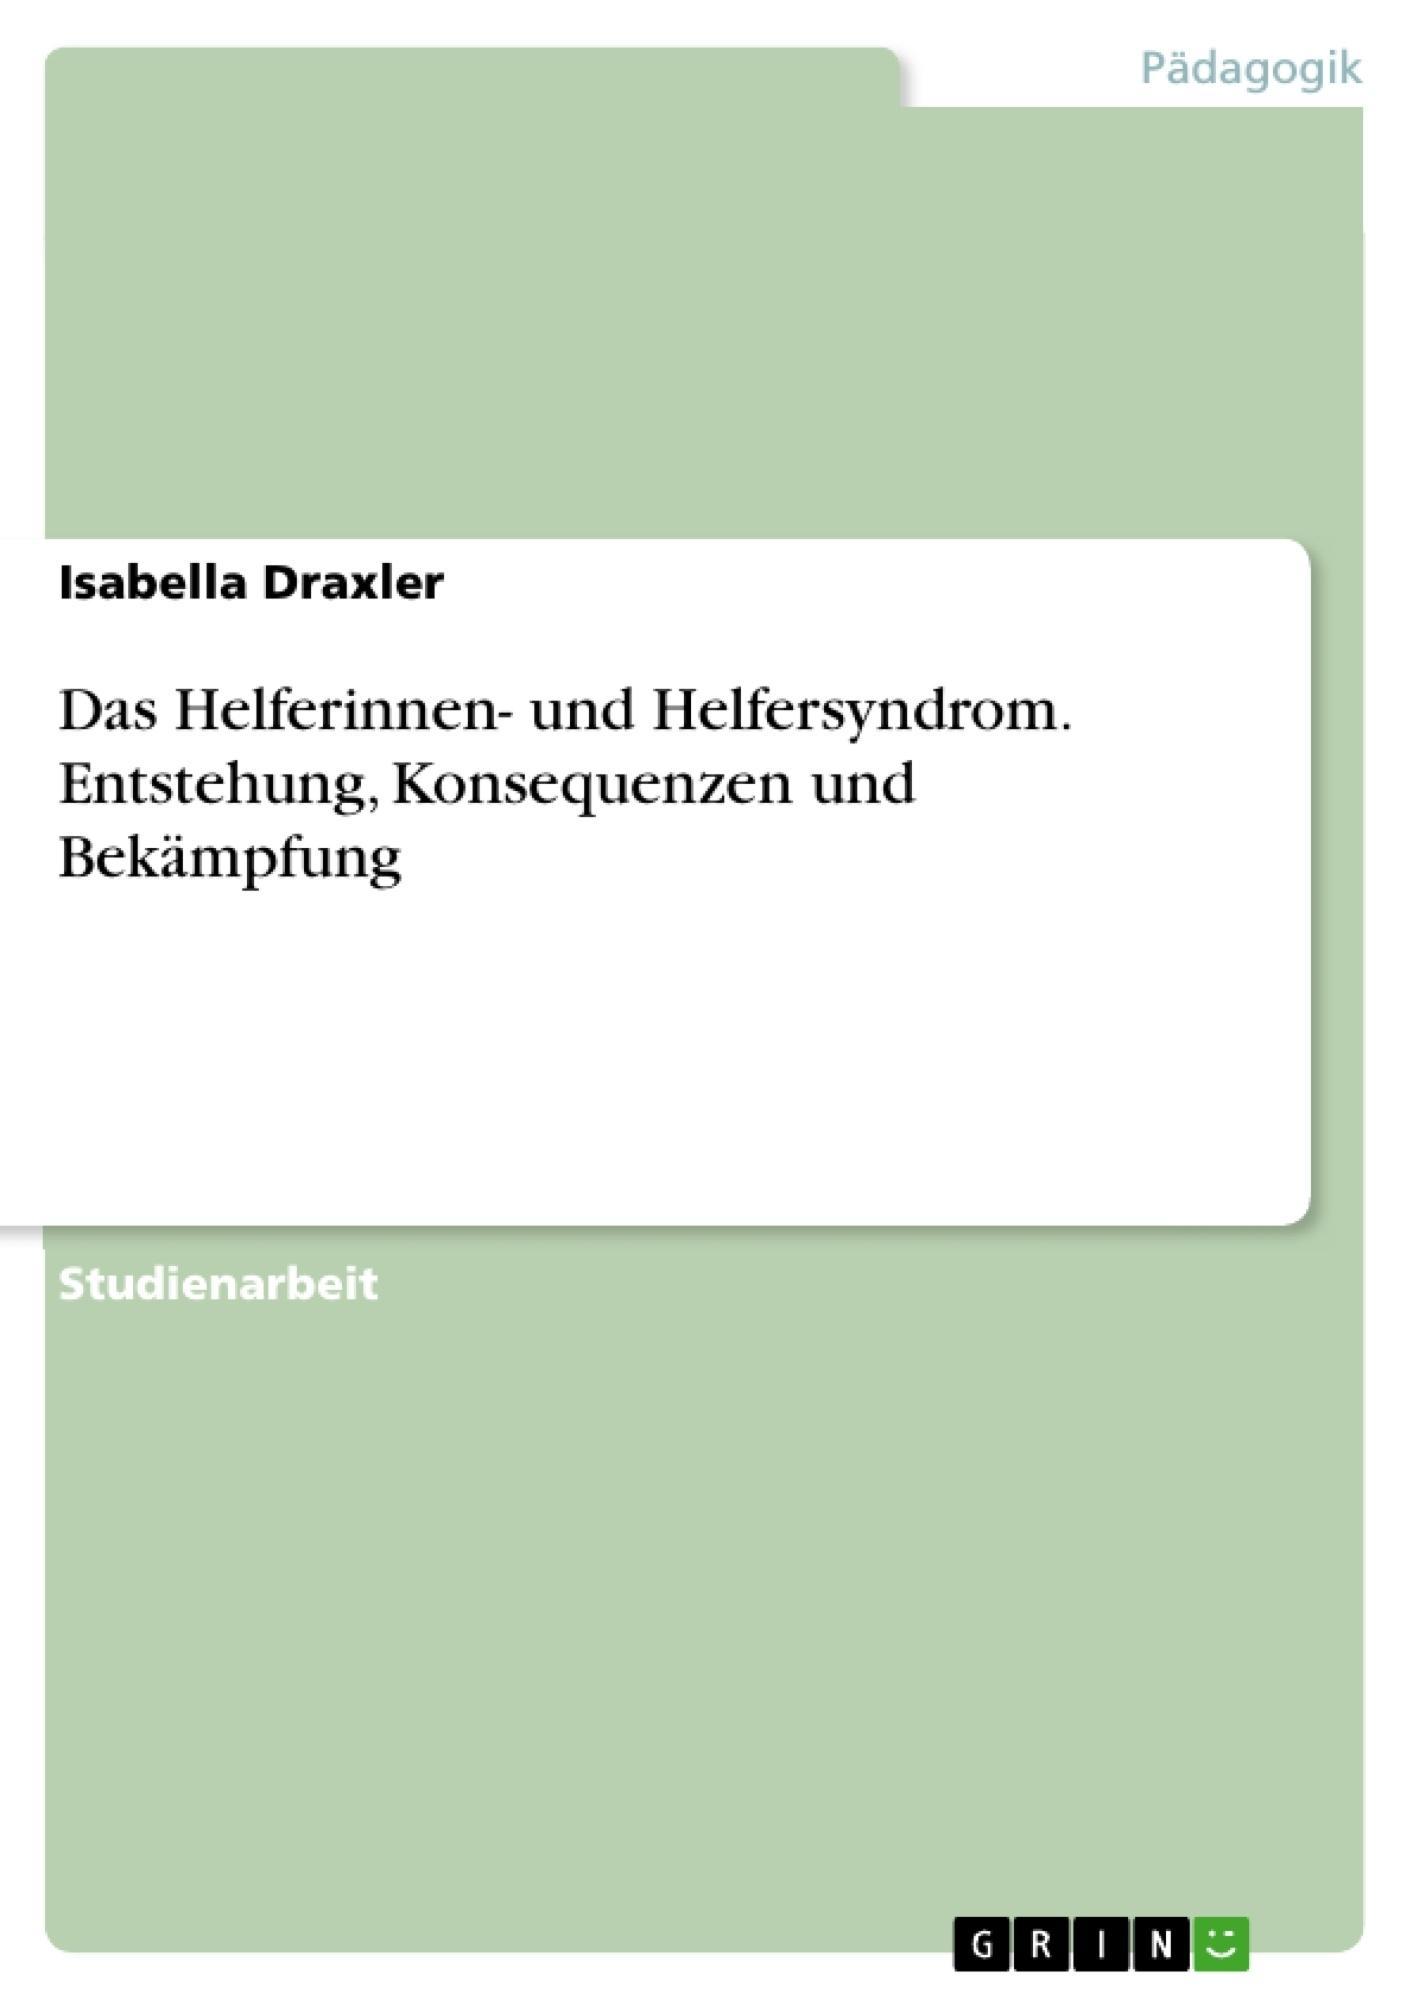 Titel: Das Helferinnen- und Helfersyndrom. Entstehung, Konsequenzen und Bekämpfung